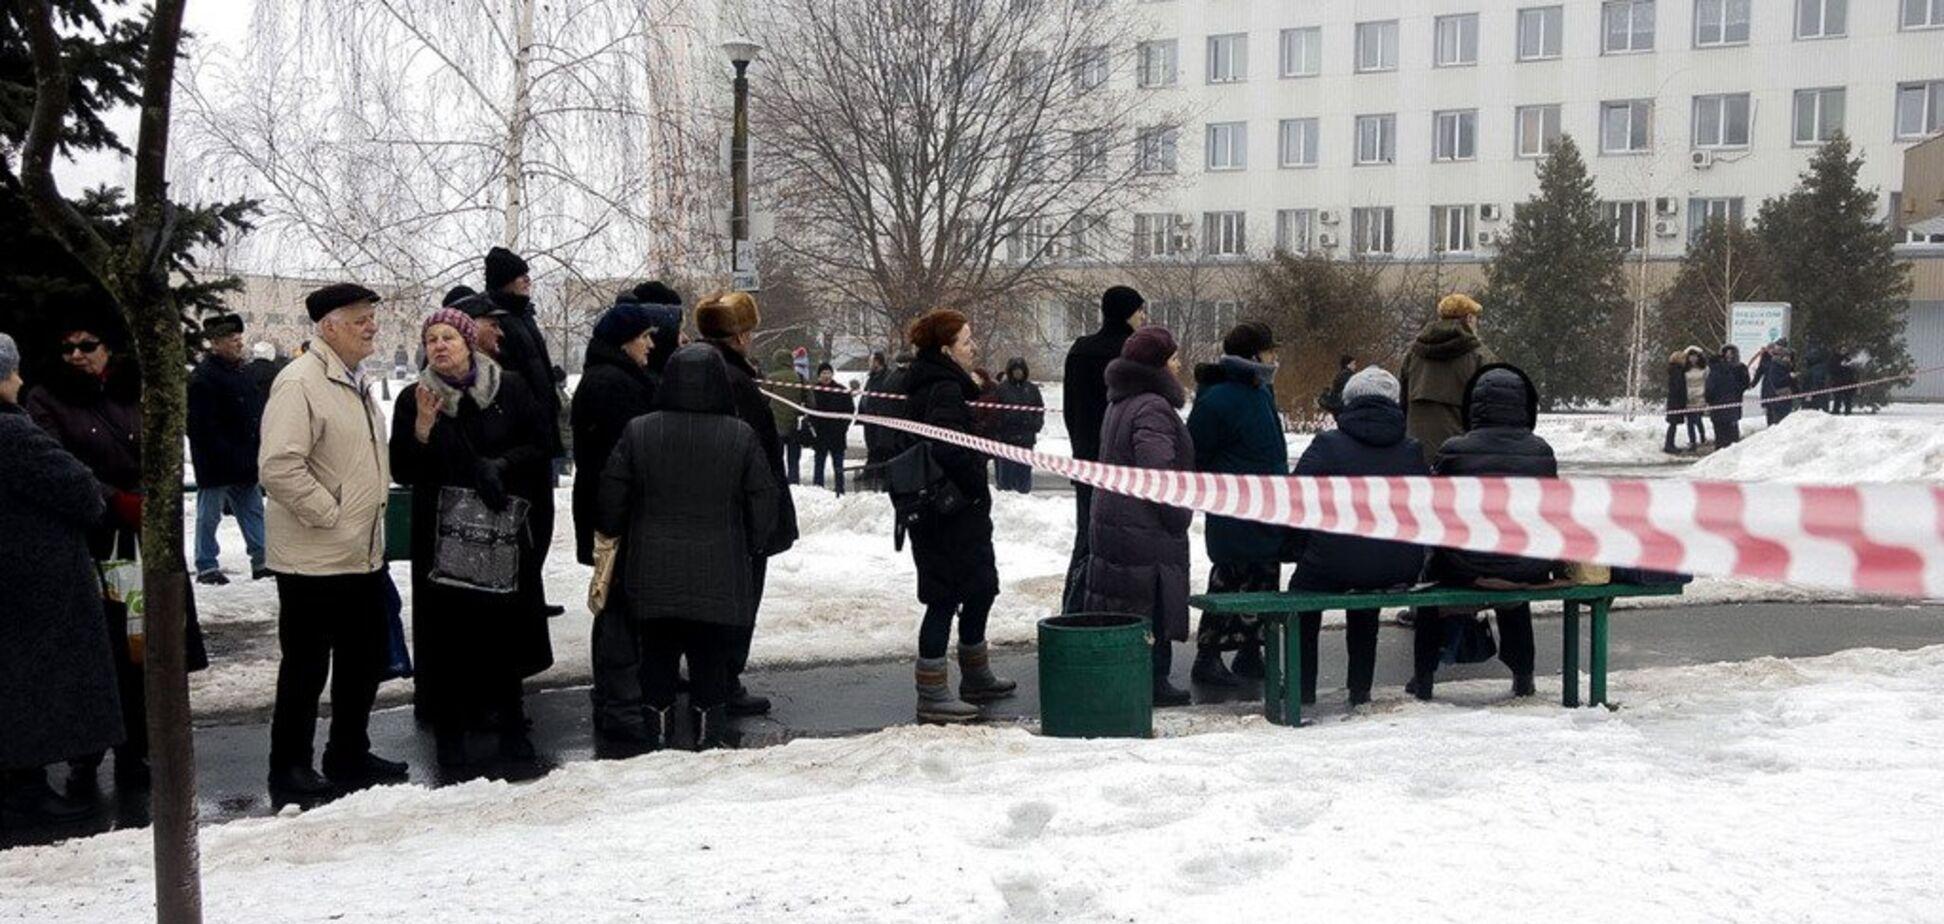 ''Участник АТО заложил 4 взрывчатки'': в Киеве произошло ЧП в больнице